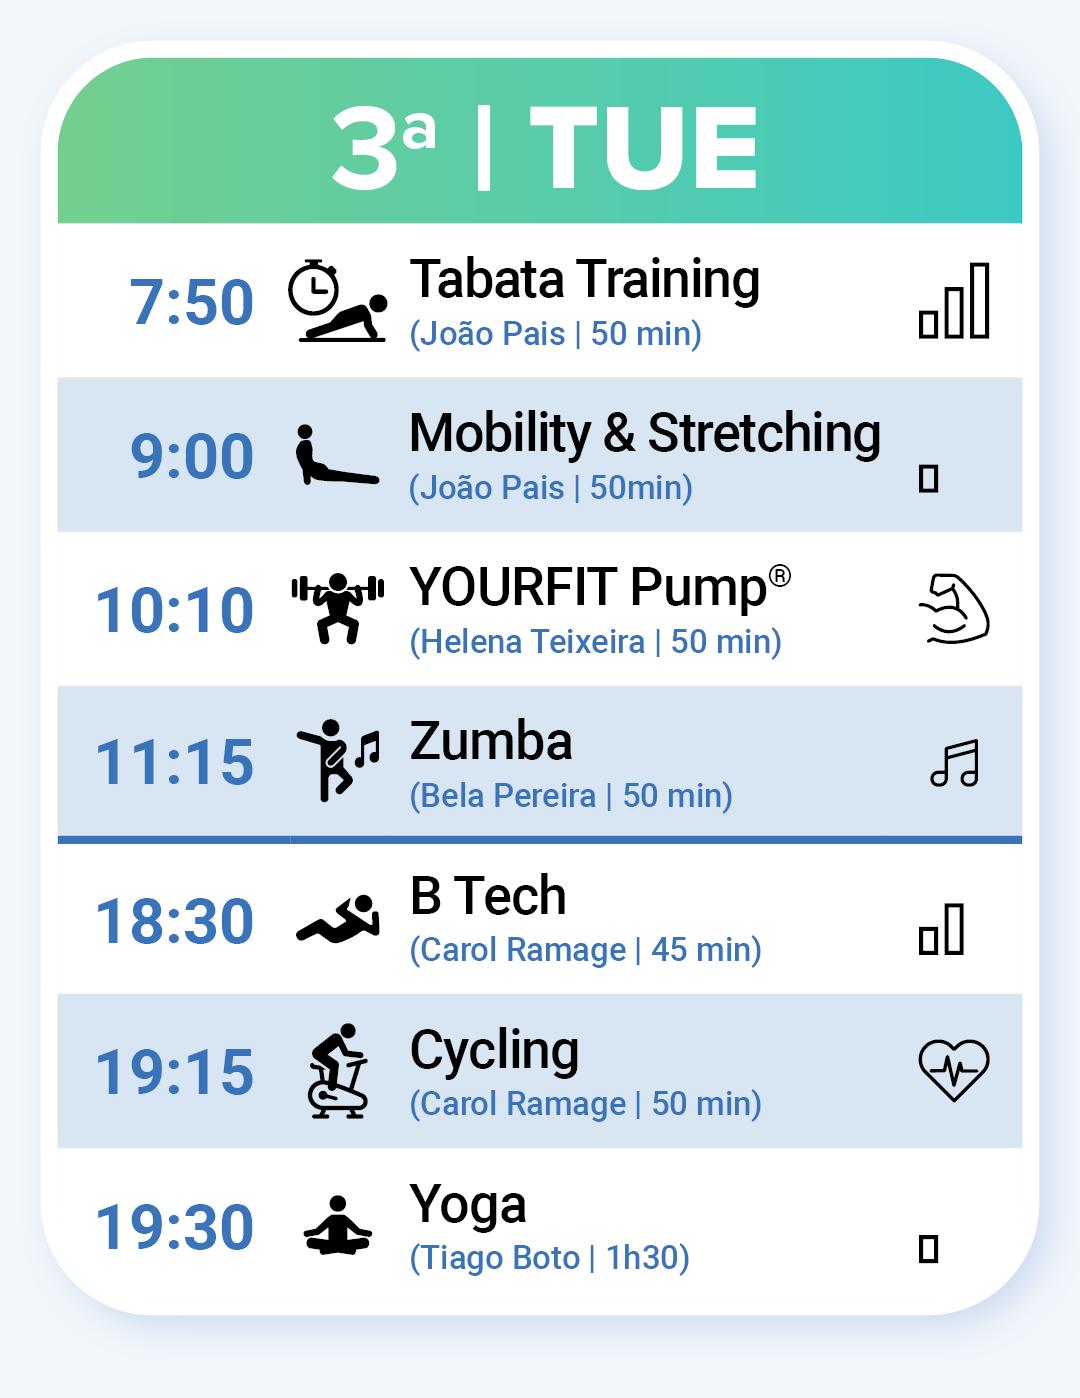 Aulas de Fitness na Terça-feira: Tabata Training às 7:50, Mobility & Stretching às 9:00, YOURFIT Pump às 10:10, B Tech às 18:30 e Cycling às 19:15.